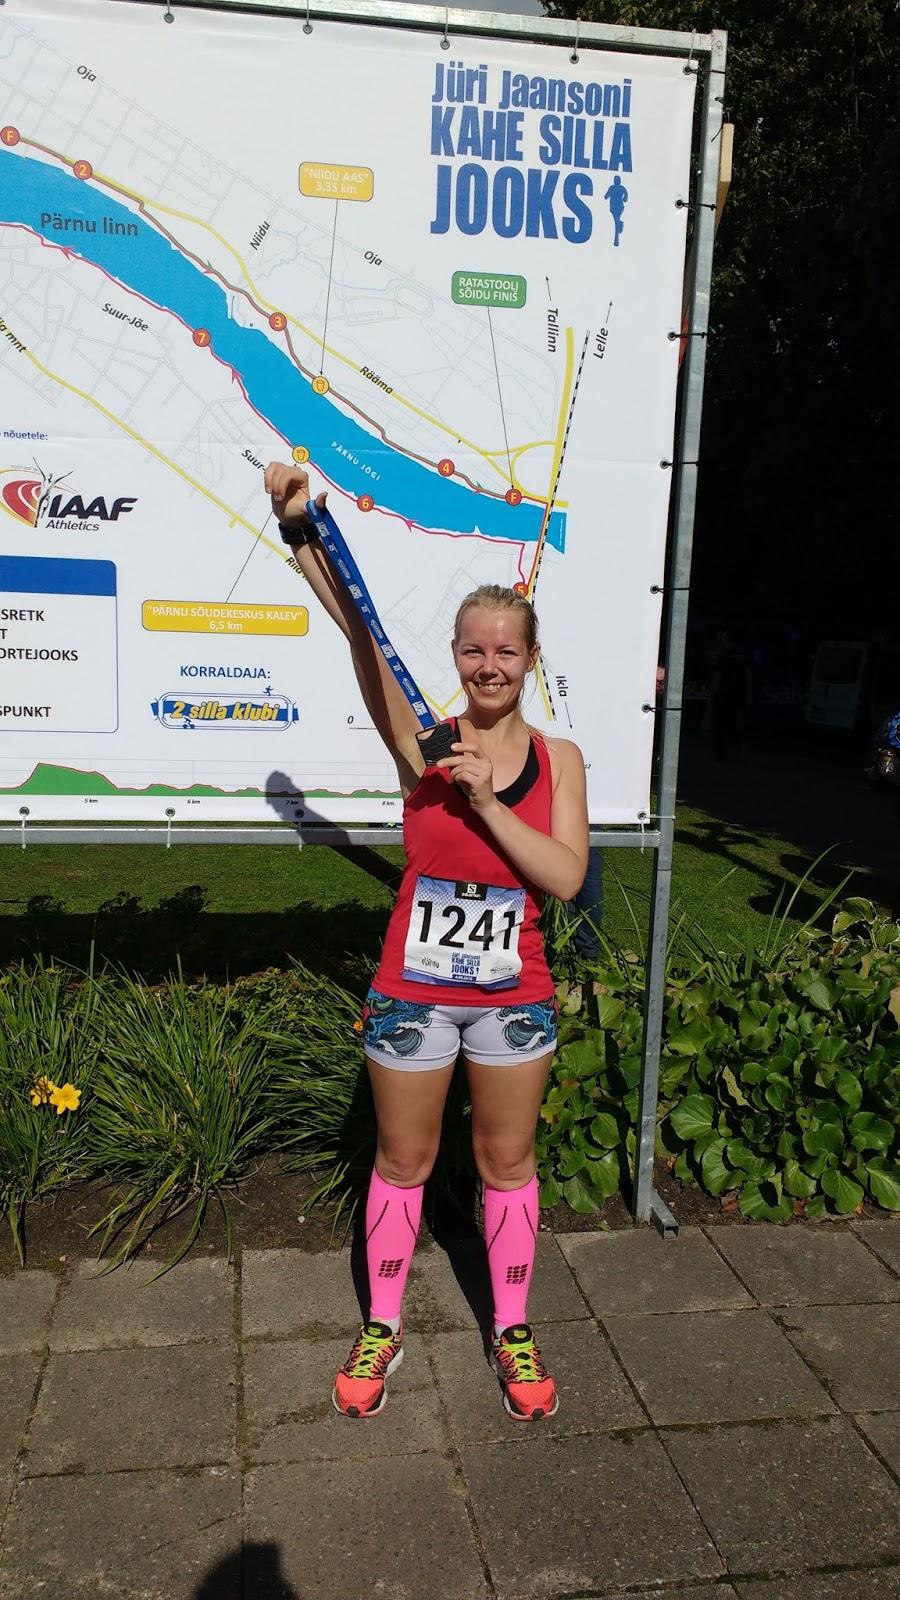 c6eea03f548 Pärast jooksu, näost lillam. Medal on raske ja kandiline.